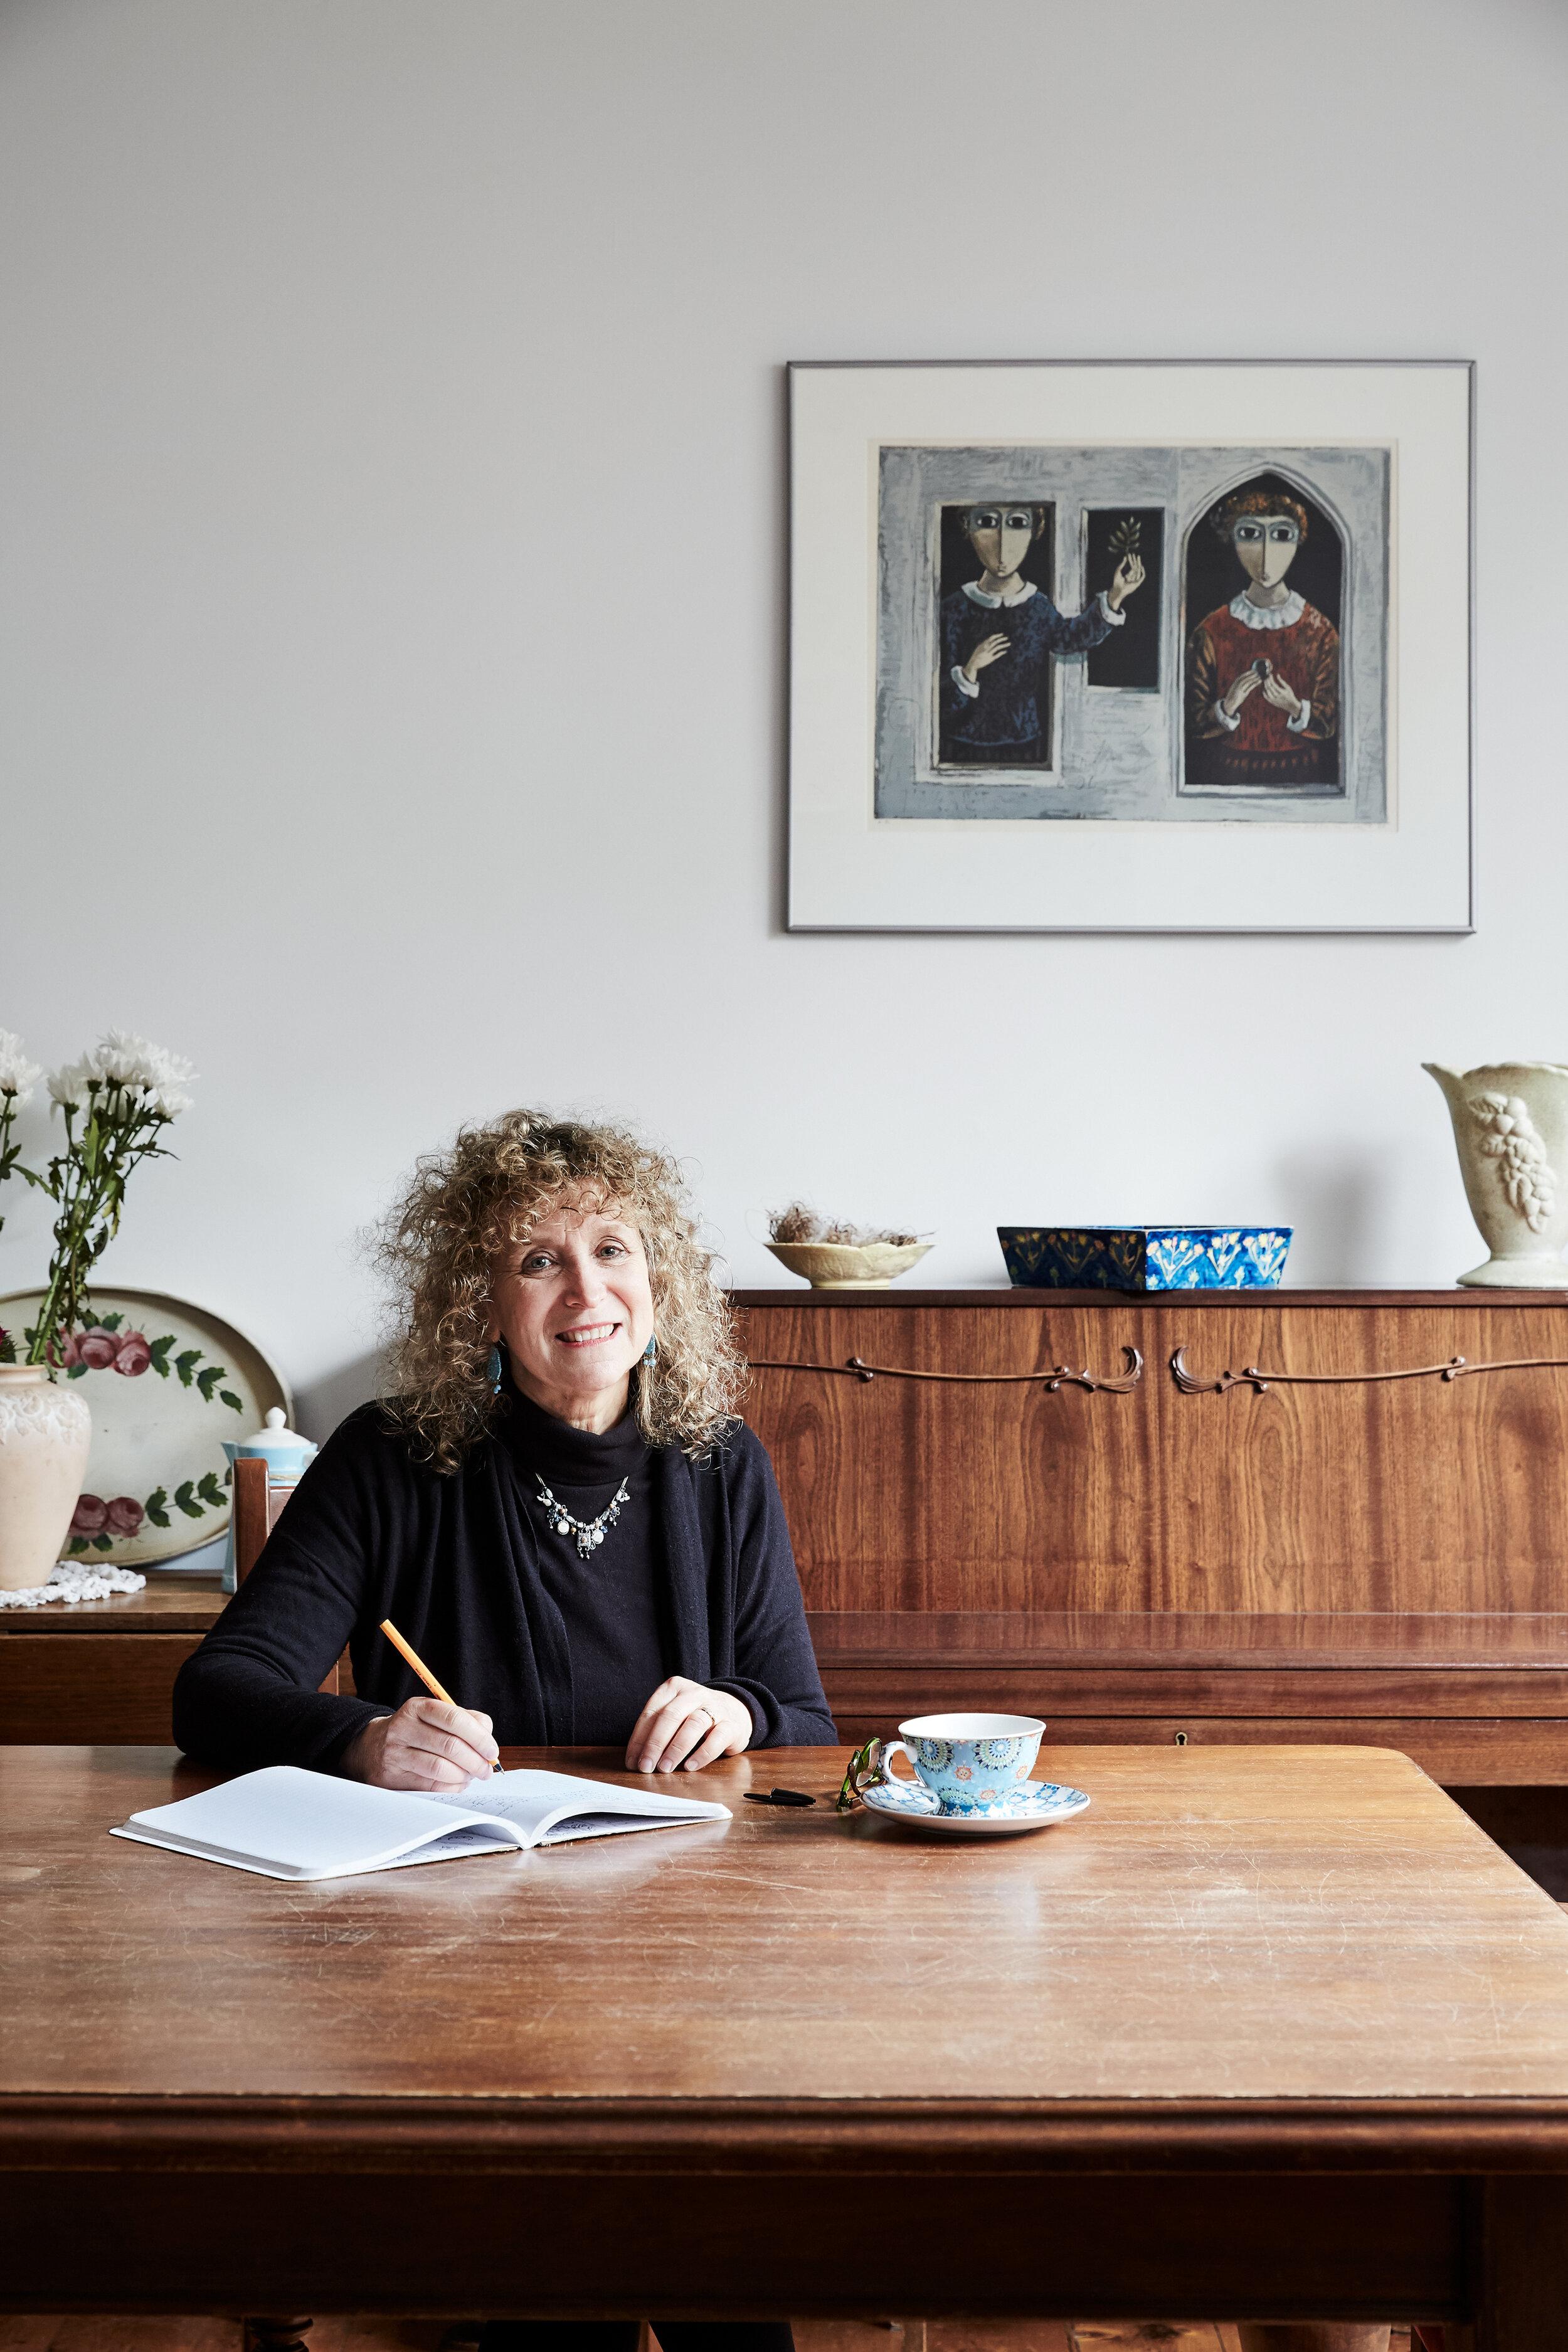 leah Kaminsky - Author and doctor